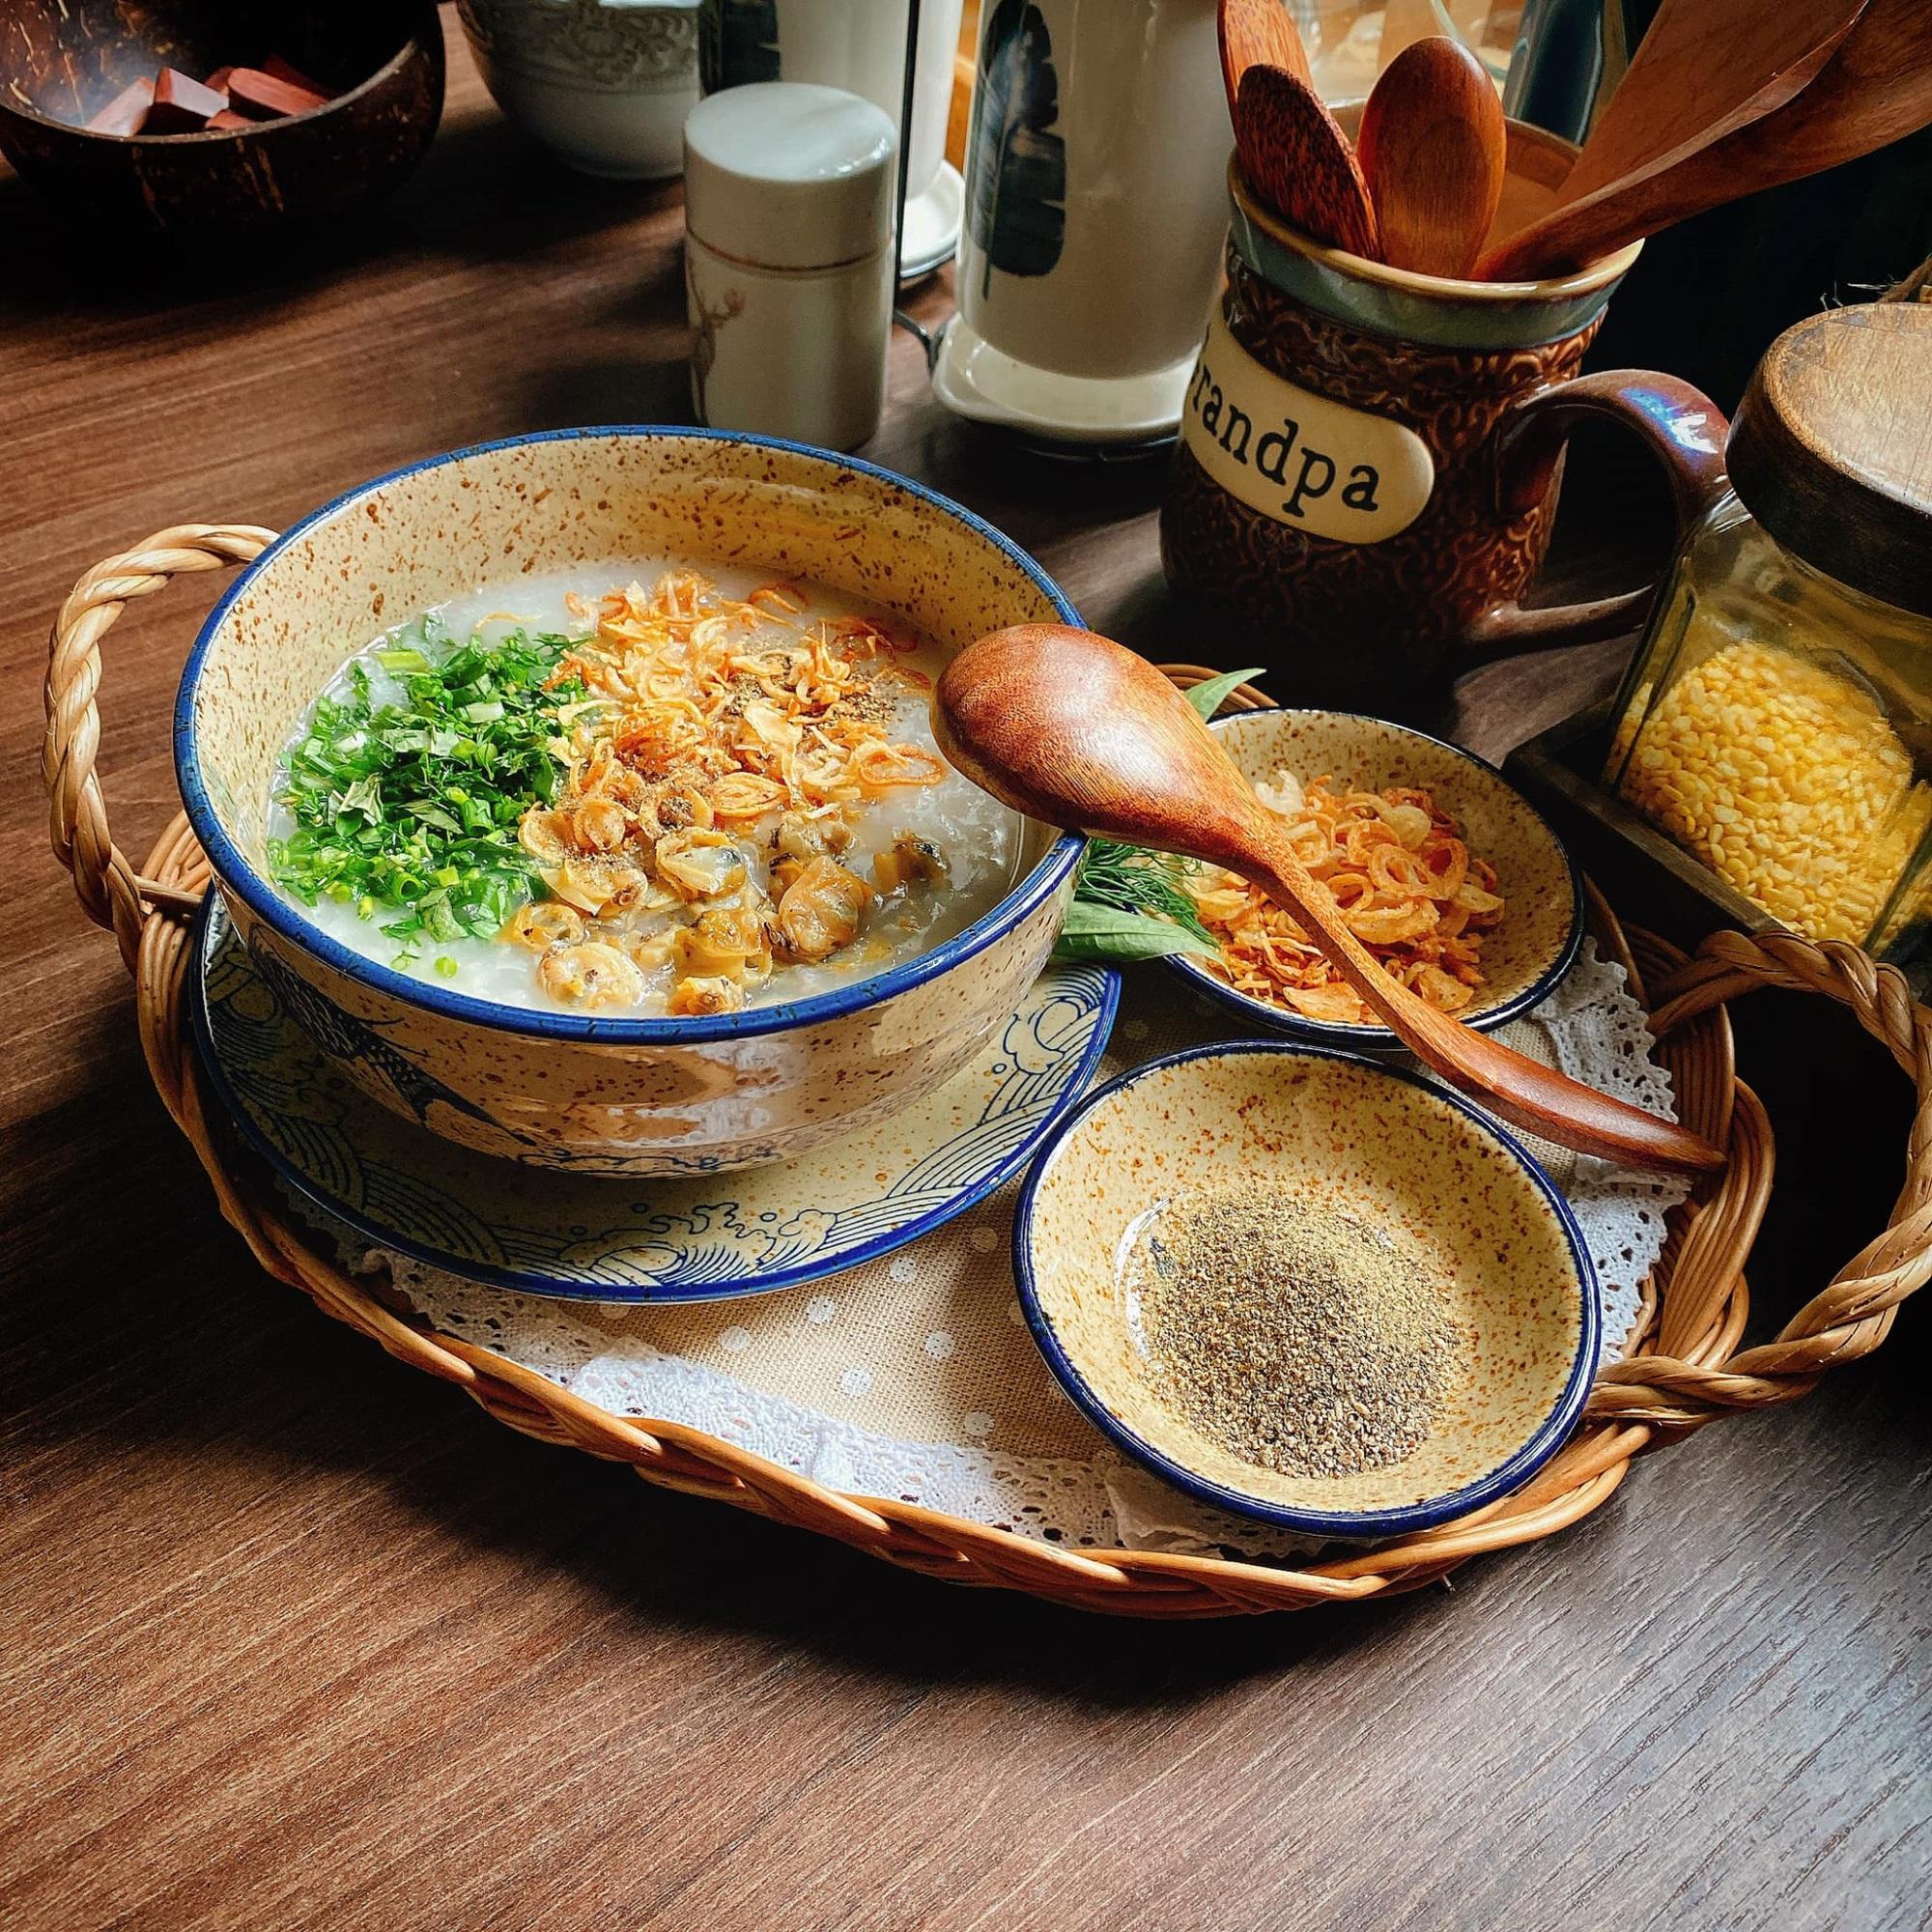 15 thực đơn ăn sáng ngon-bổ-rẻ cho cả gia đình trong những ngày giãn cách, chị em vào bếp trổ tài cả nhà mê tít - Ảnh 8